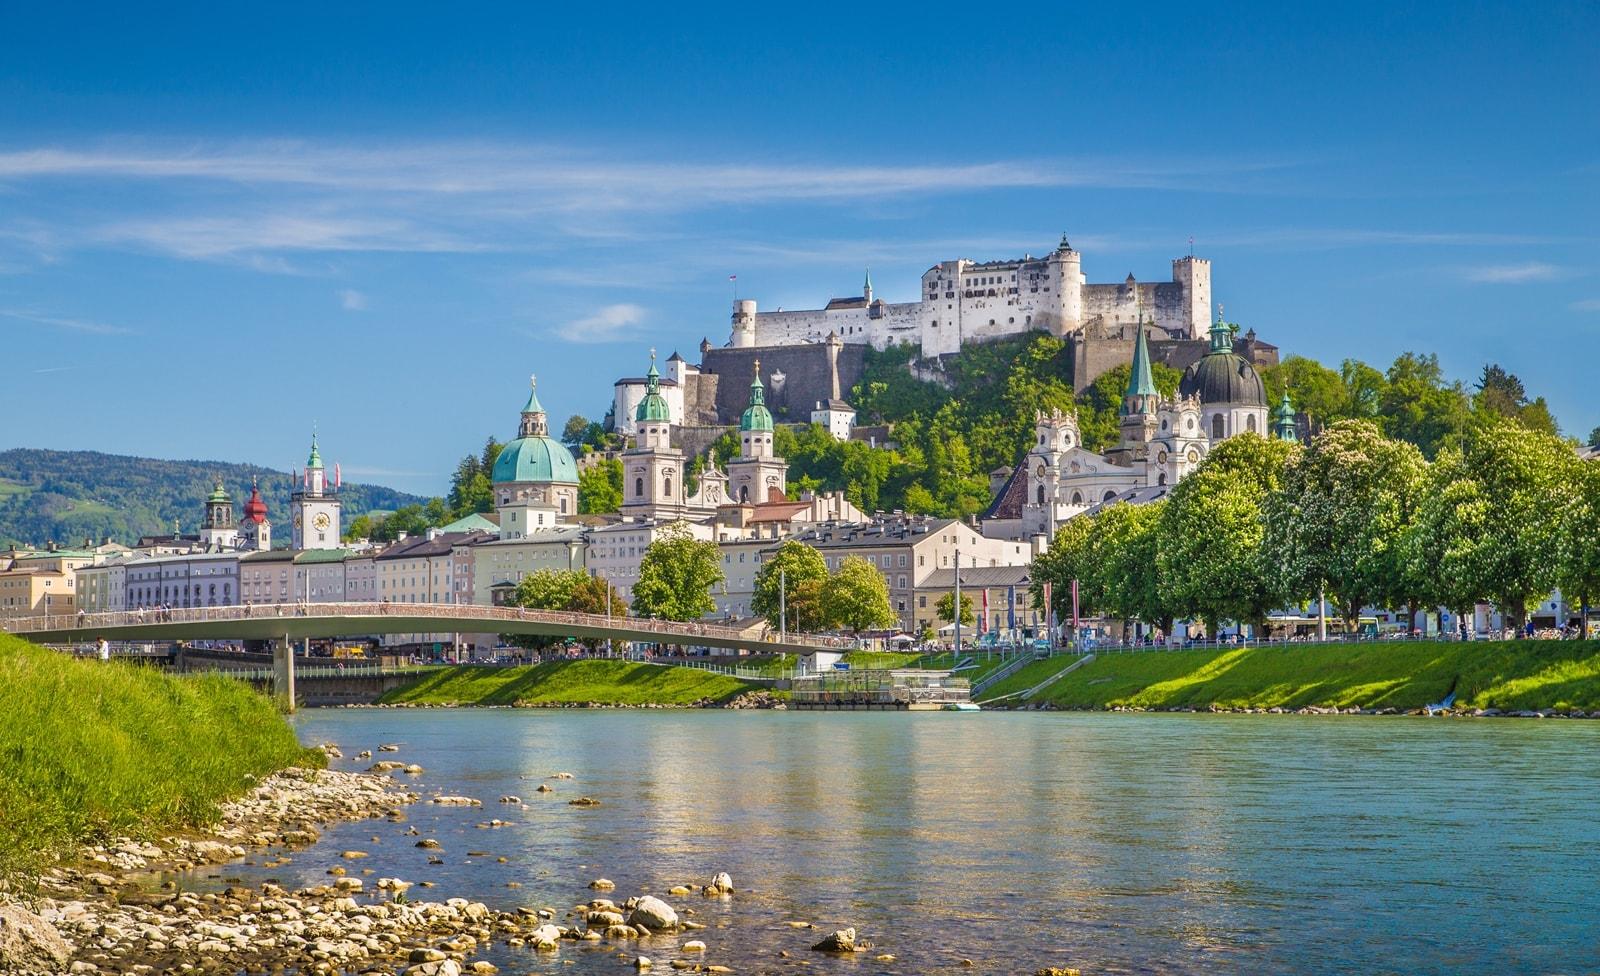 Festung über der Stadt Salzburg